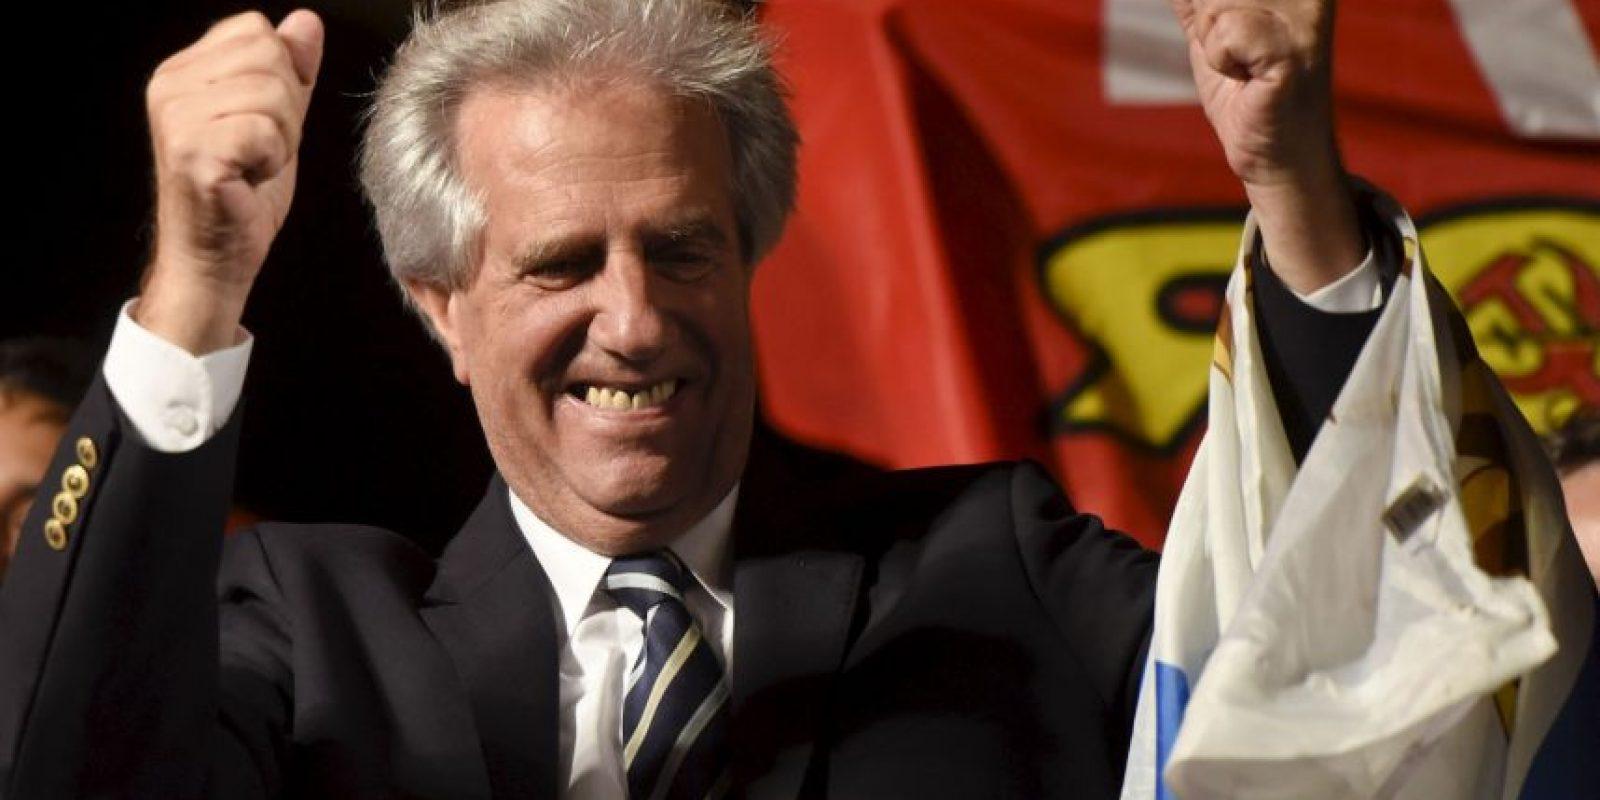 Tabaré Vázquez encabezará el Gobierno uruguayo el próximo año. Foto:AP